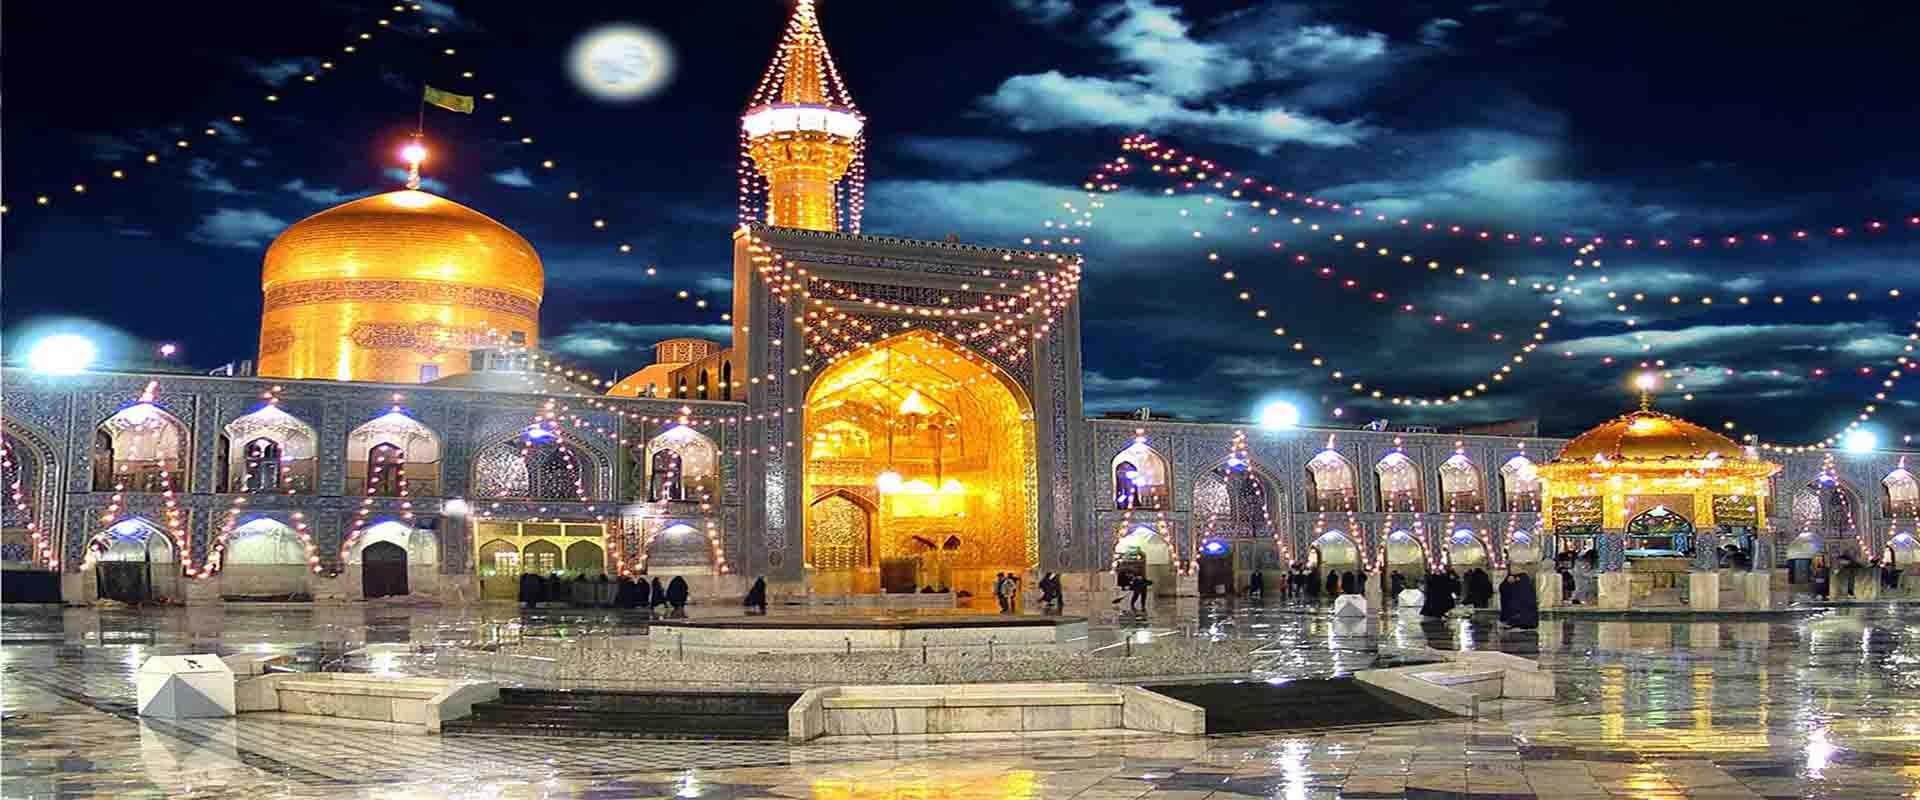 جاذبه های گردشگری ایران و جهان